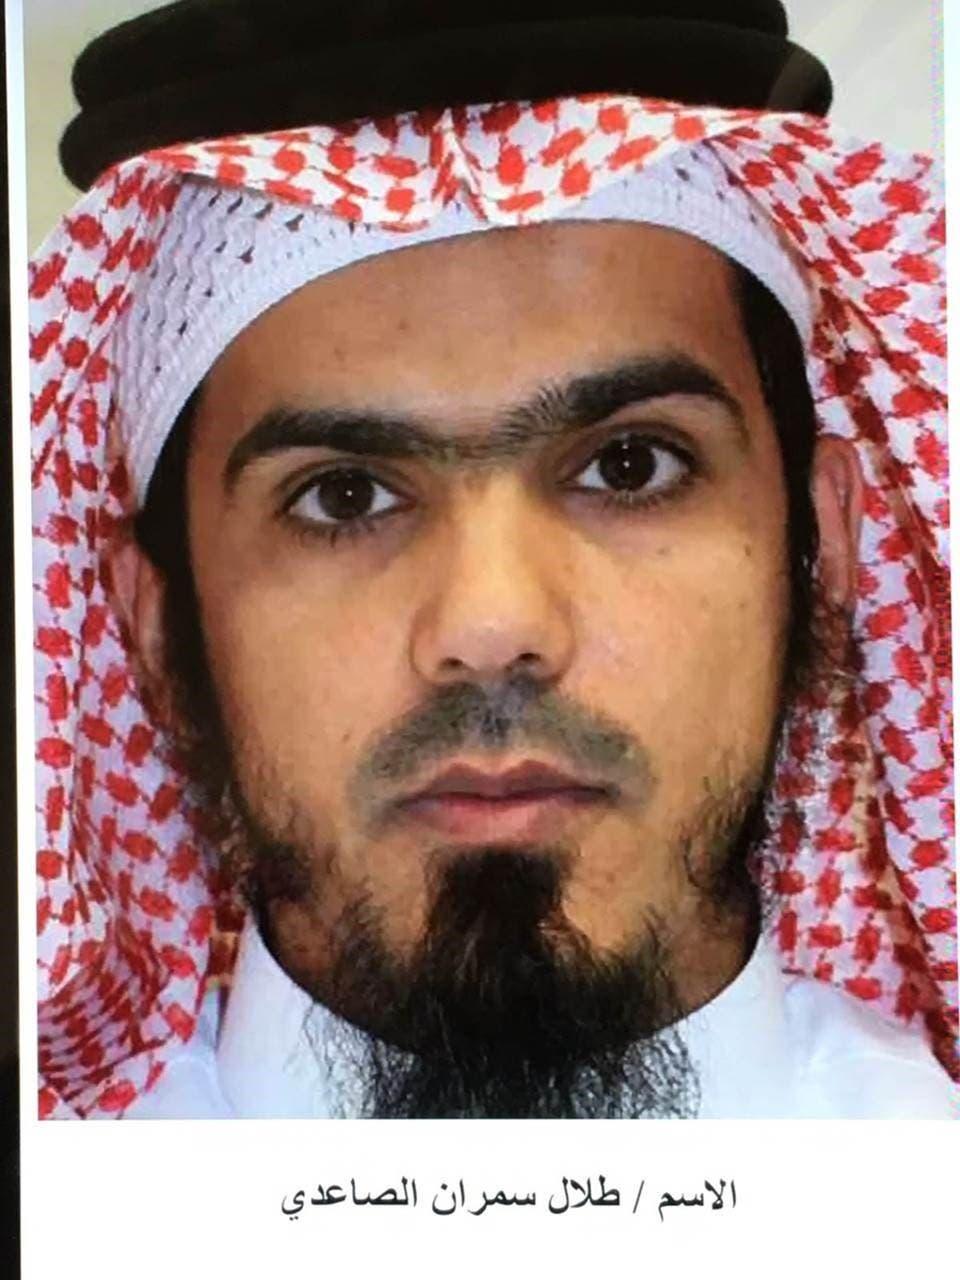 تعرف على تفاصيل مقتل ارهابيين في الرياض B64e1aa8-3c98-4fd7-8ffc-36022ae68146